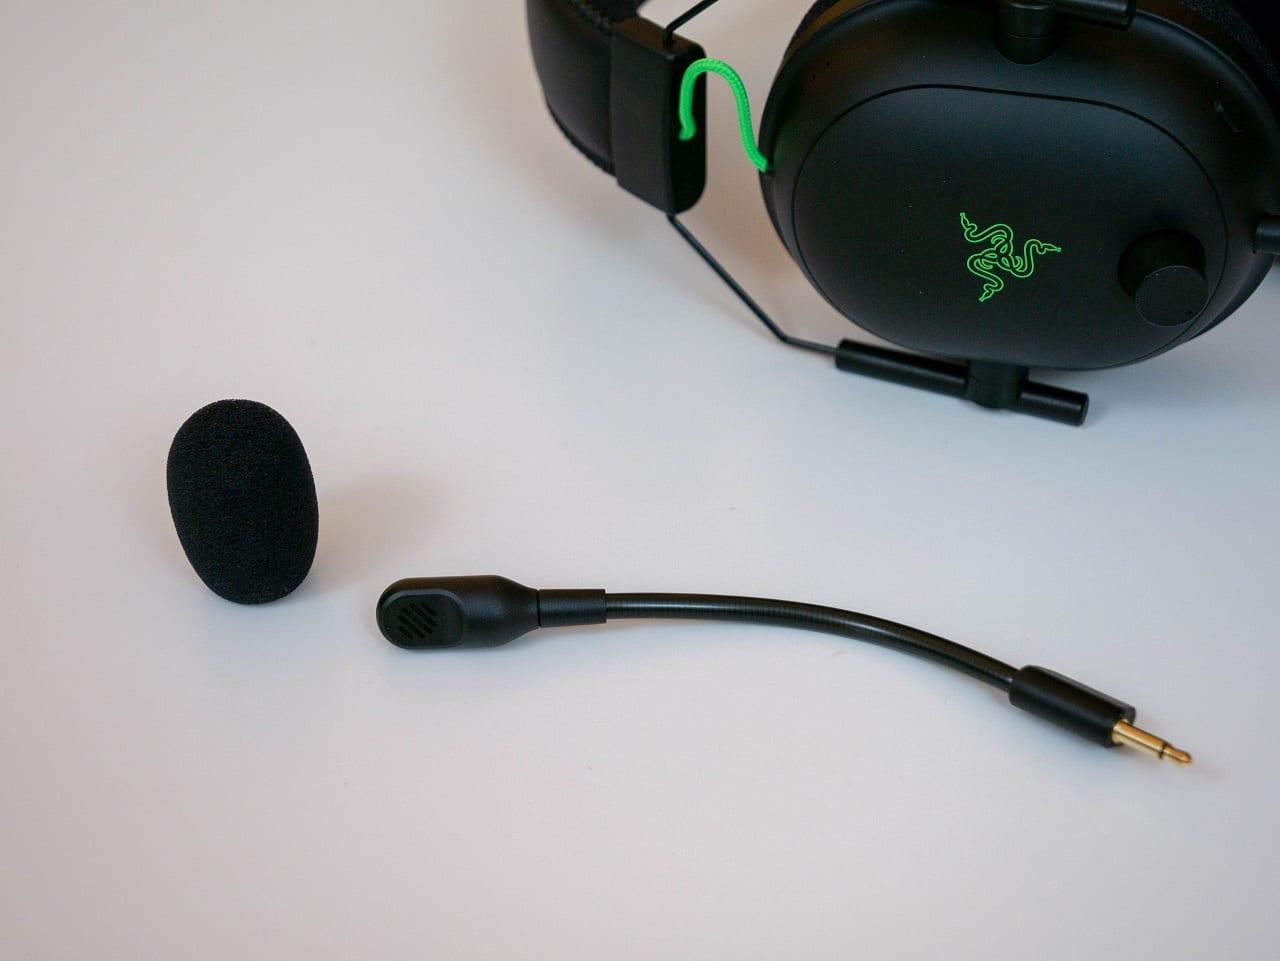 Razer BlackShark V2 Recensione – Le nuove cuffie eSports con driver Triforce